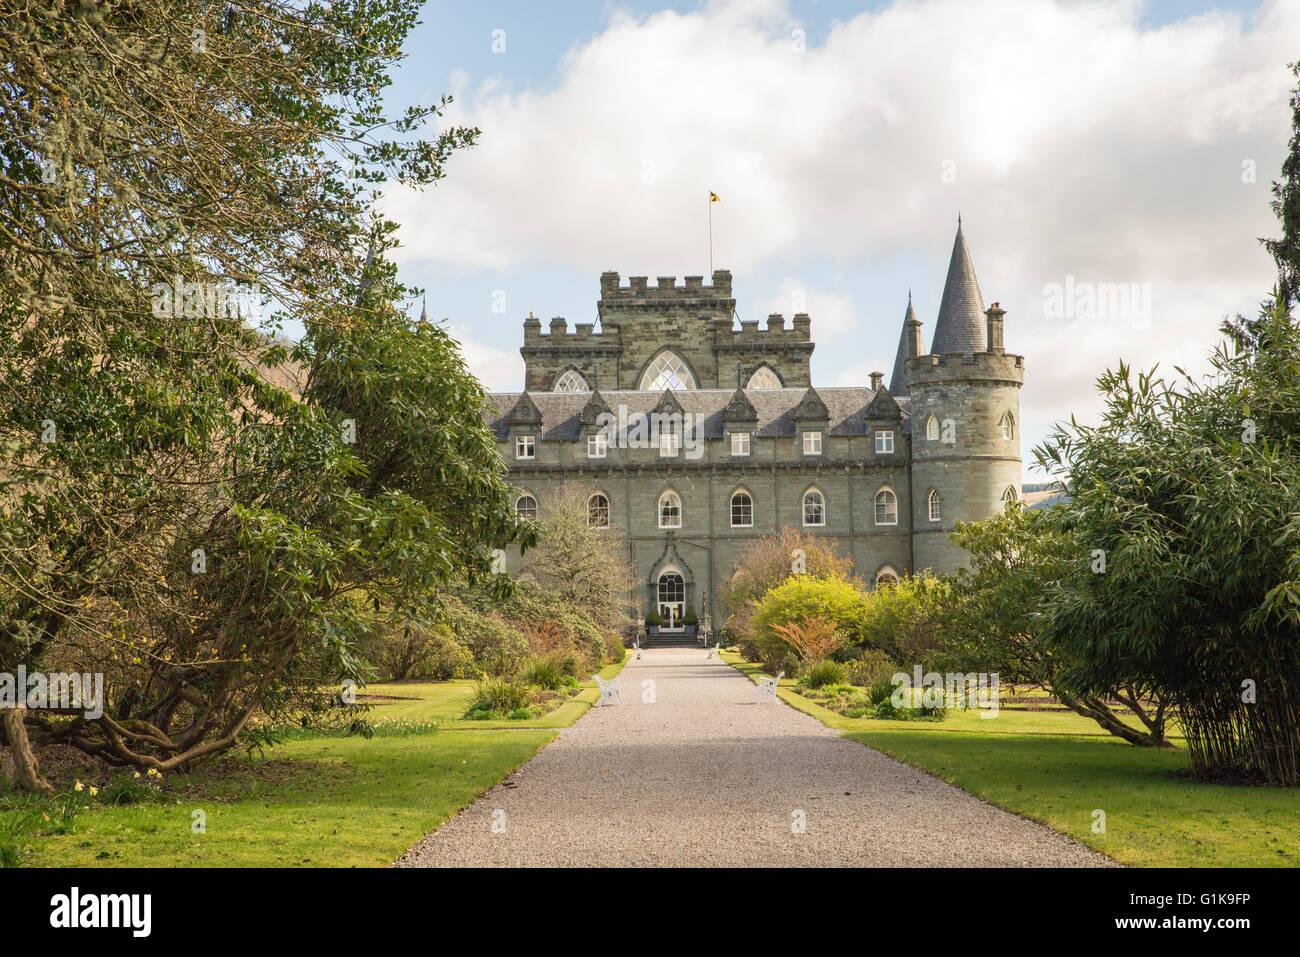 Inveraray Castle Scotland United Kingdom - Stock Image